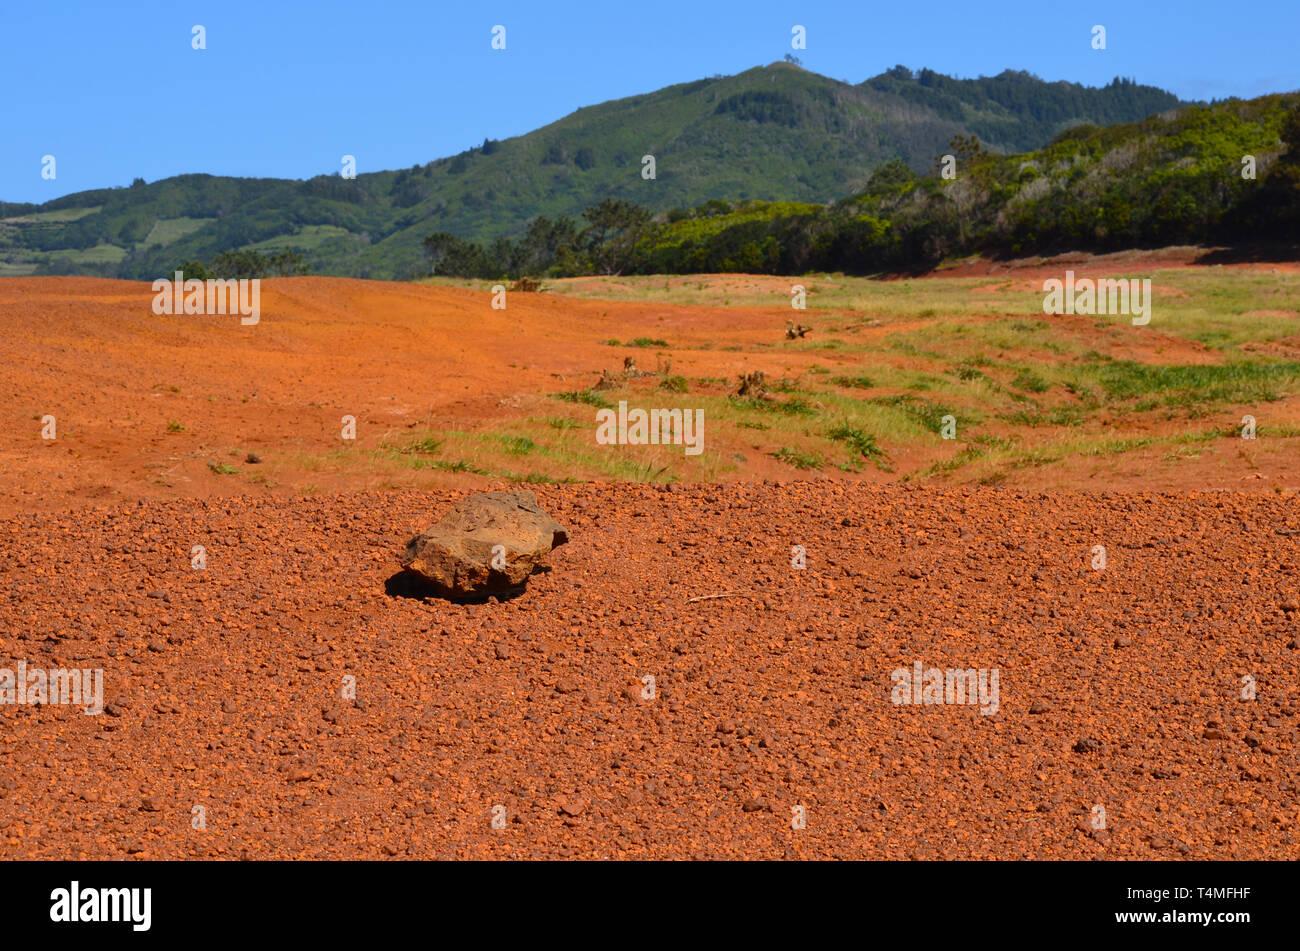 Barreiro da Faneca geschützte Landschaft in Santa Maria Island, Azoren Stockbild